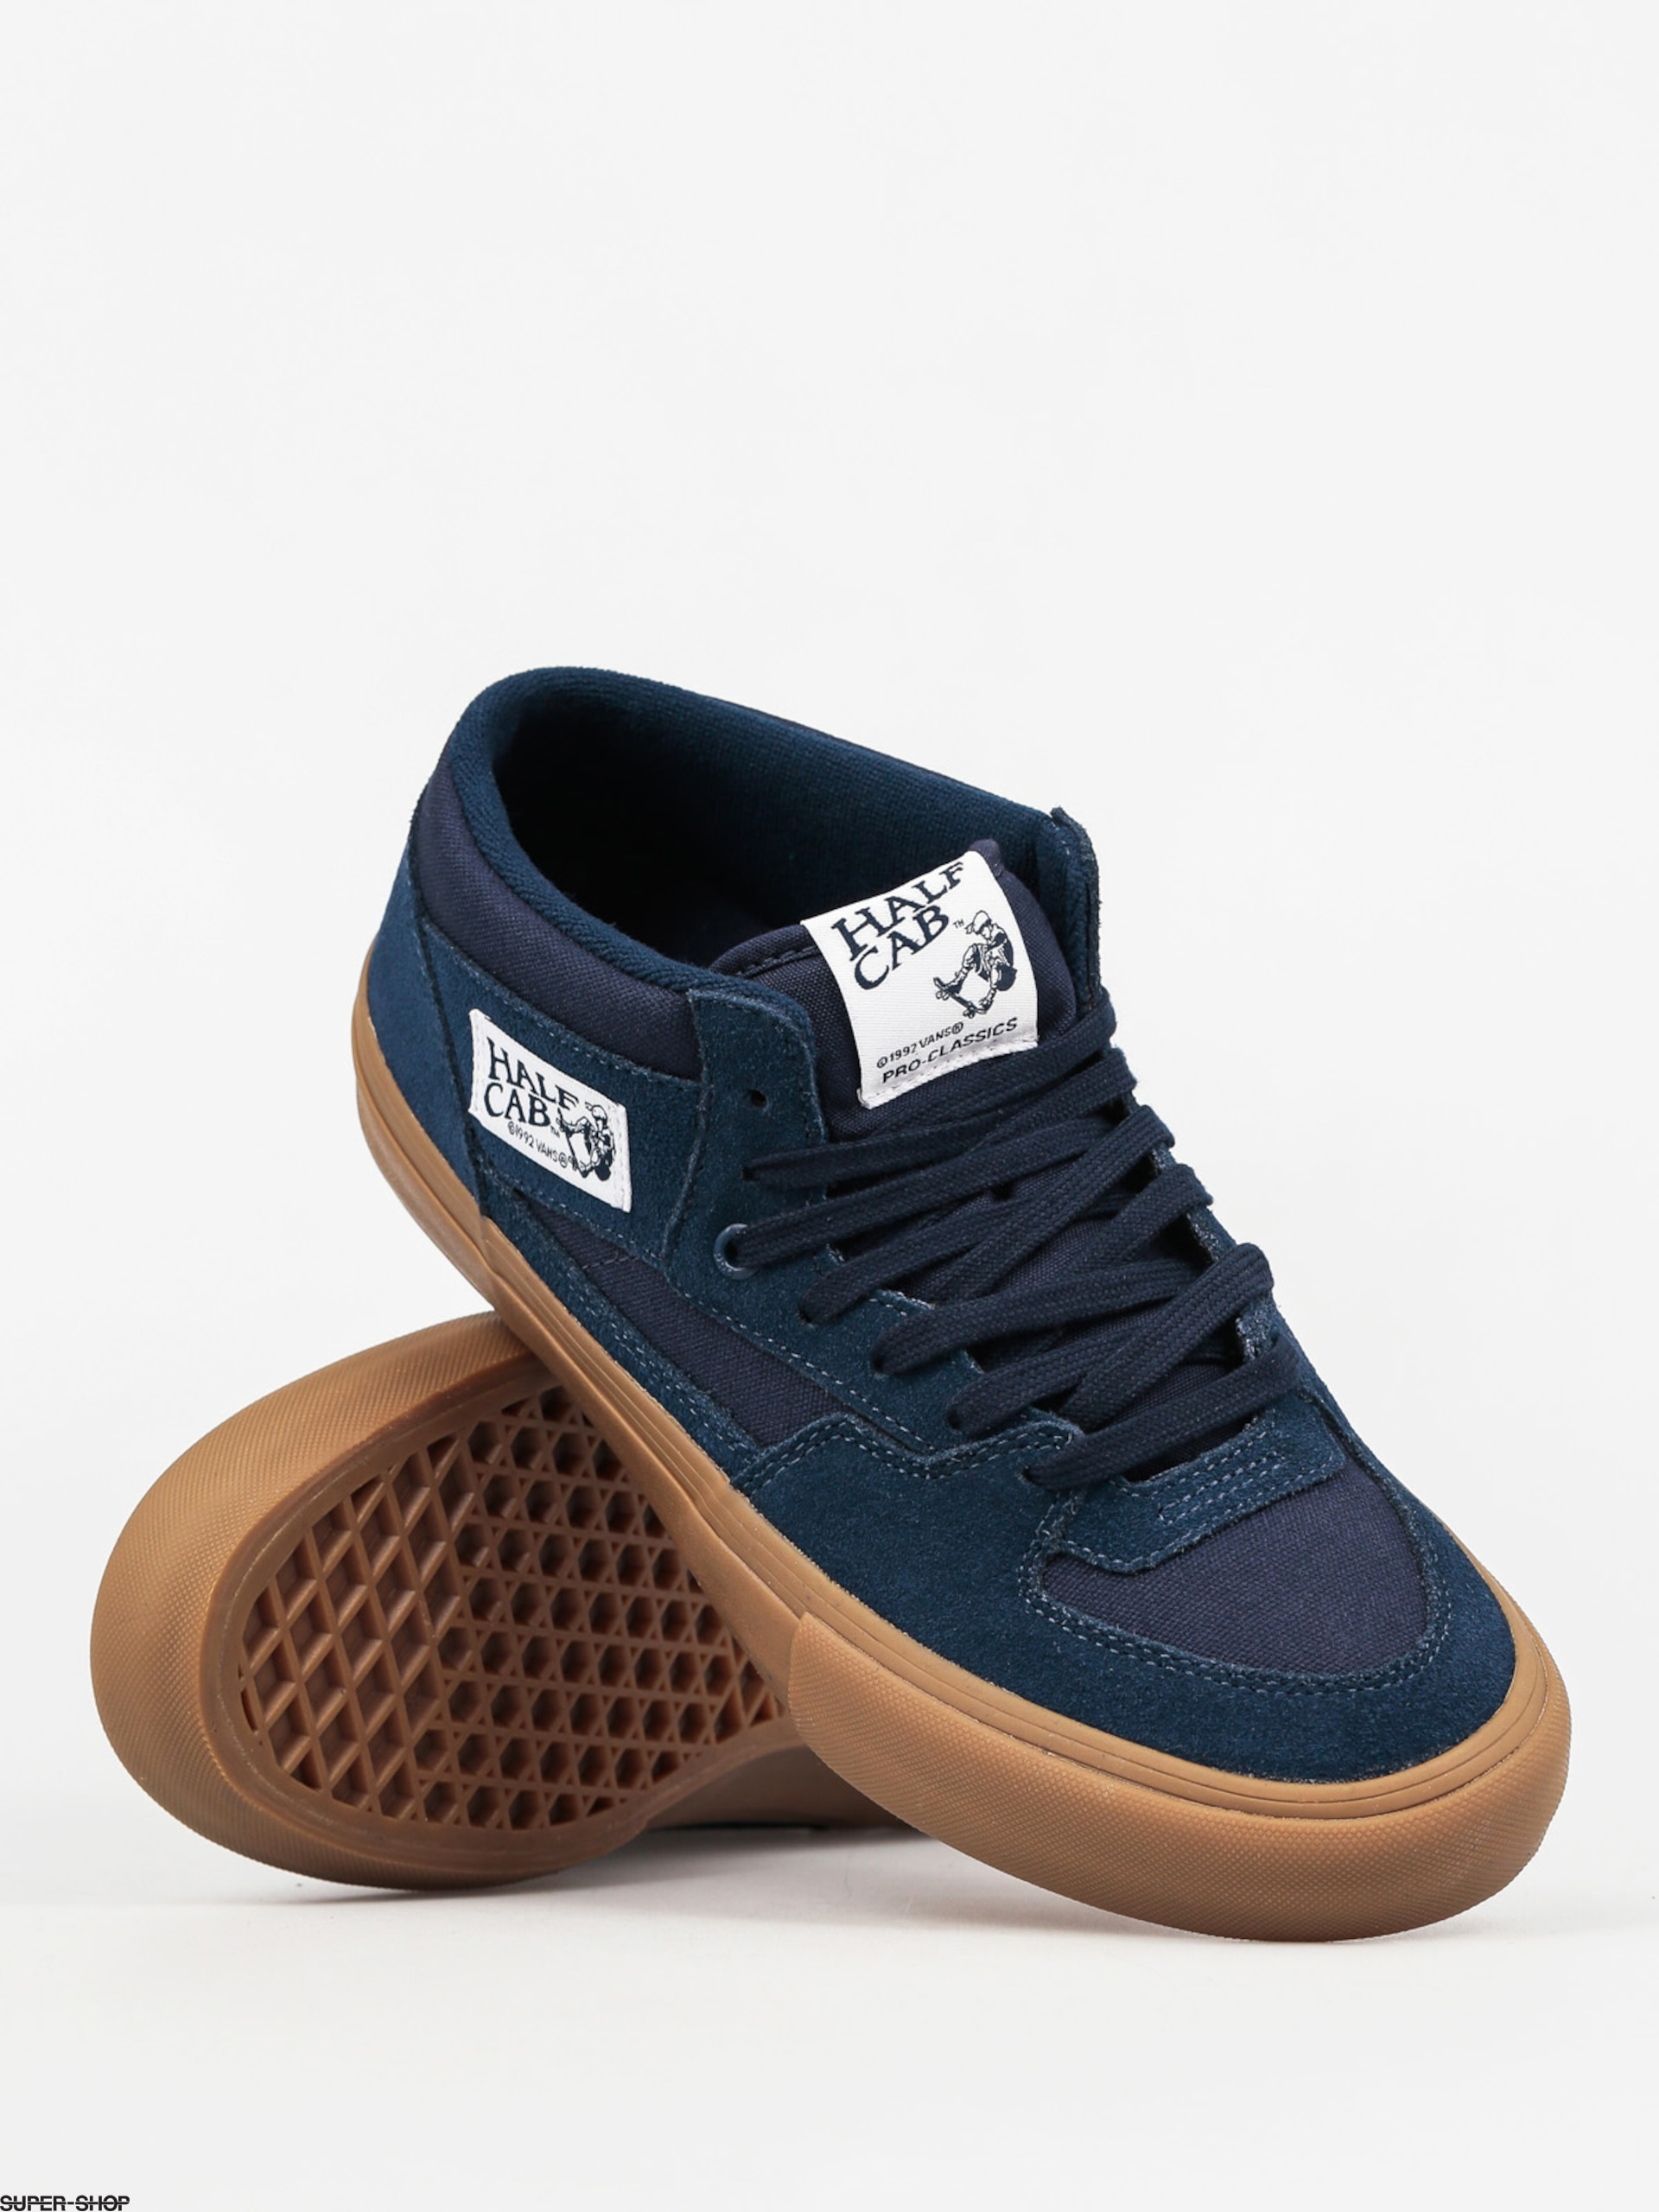 Vans Shoes Half Cab Pro (navy gum) f57fa79e4